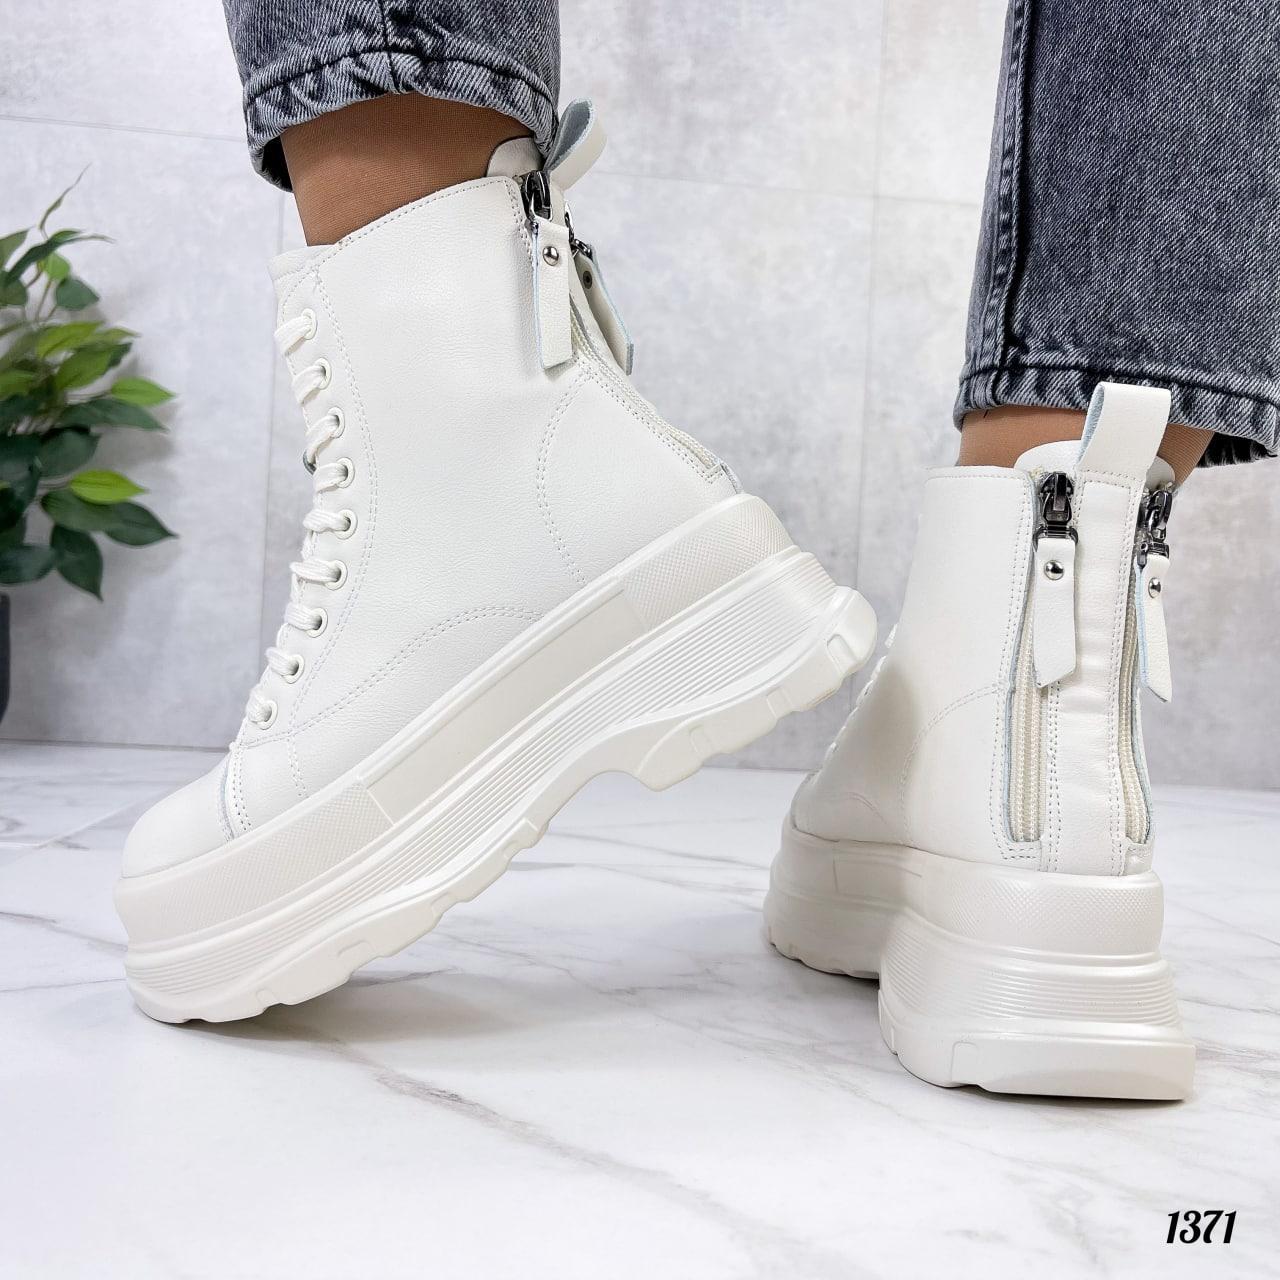 Женские ботинки ДЕМИ бежевые на платформе эко кожа весна/ осень